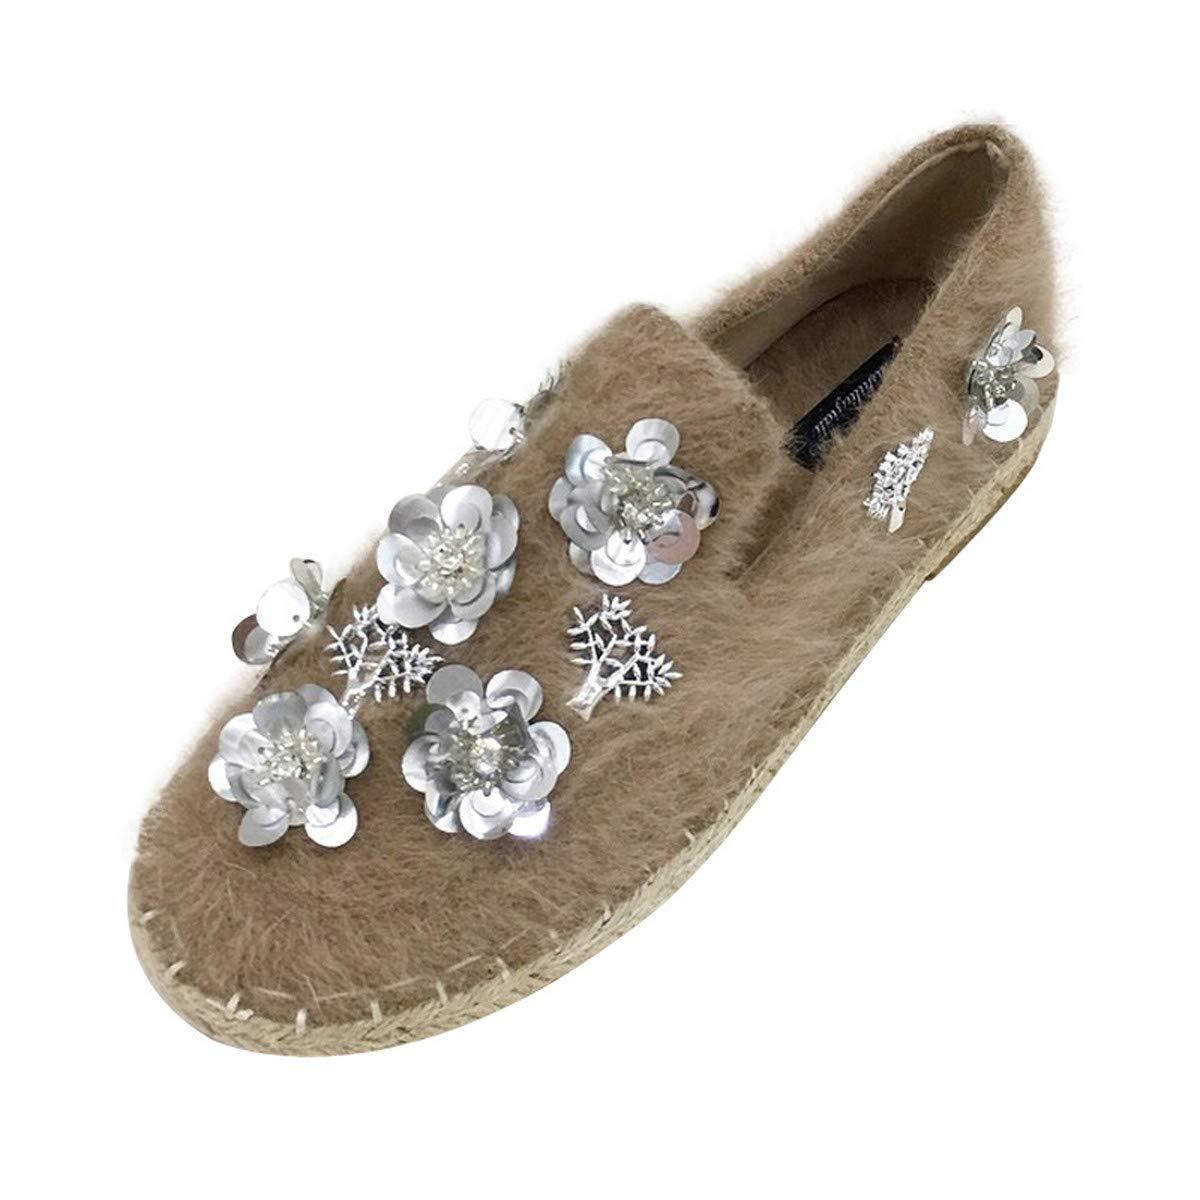 HBDLH Damenschuhe Flache Sohle Einzelne Schuhe Herbst Frauen Perlen Blaumen Wolle Die Schuhe Flanell Pedale Faul Schuhe